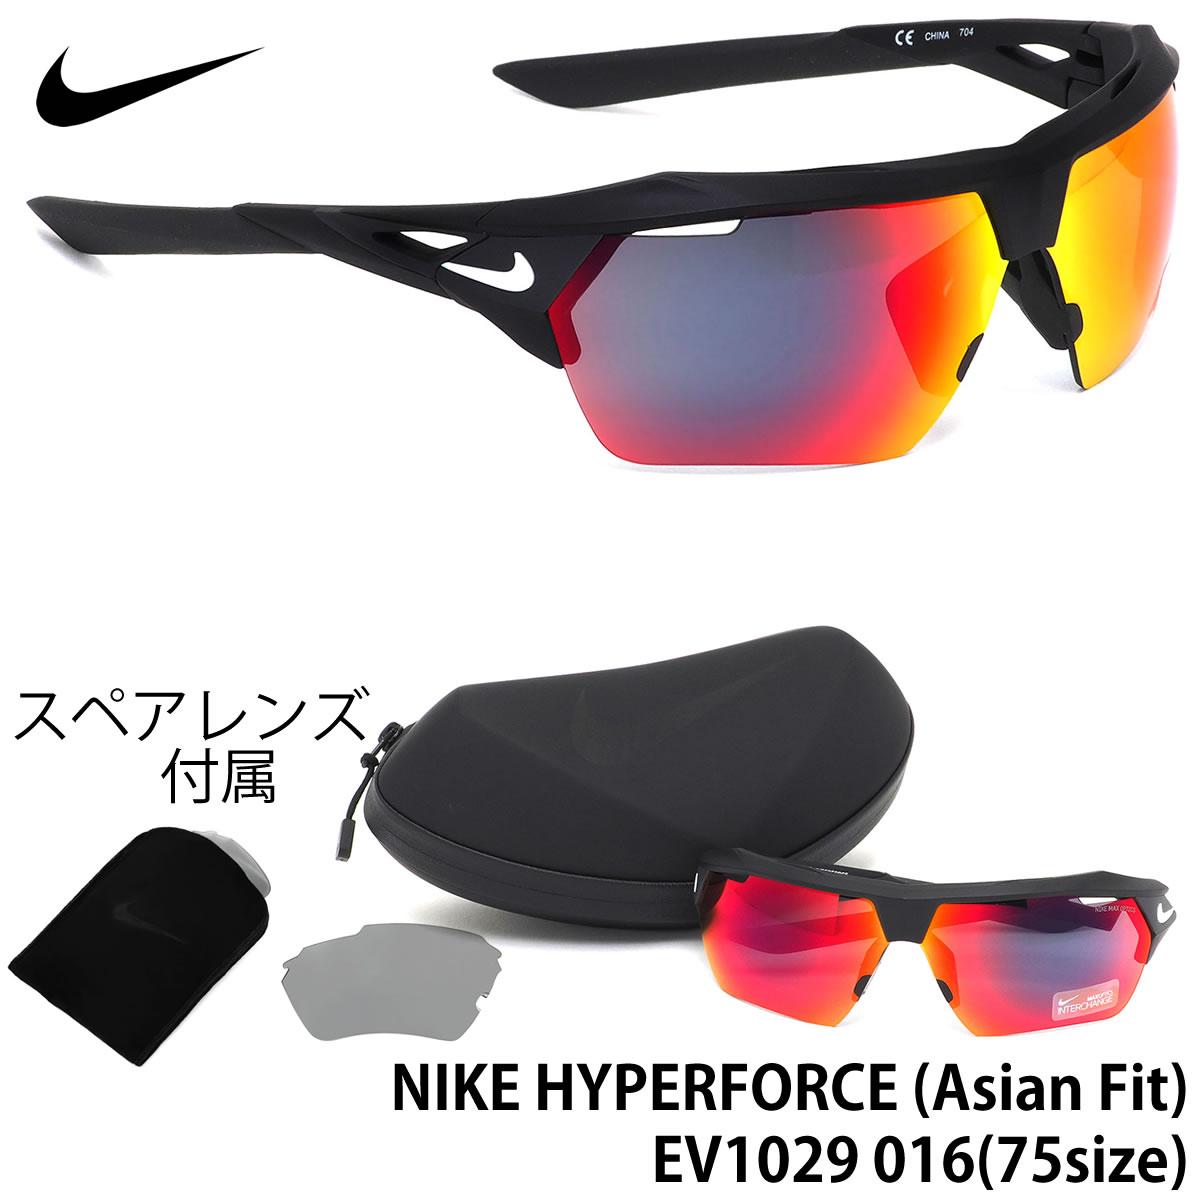 ナイキ NIKE サングラス EV1029 016 75サイズ HYPERFORCE ハイパーフォース スペアレンズ レンズ交換 ミラー ナイキ NIKE メンズ レディース